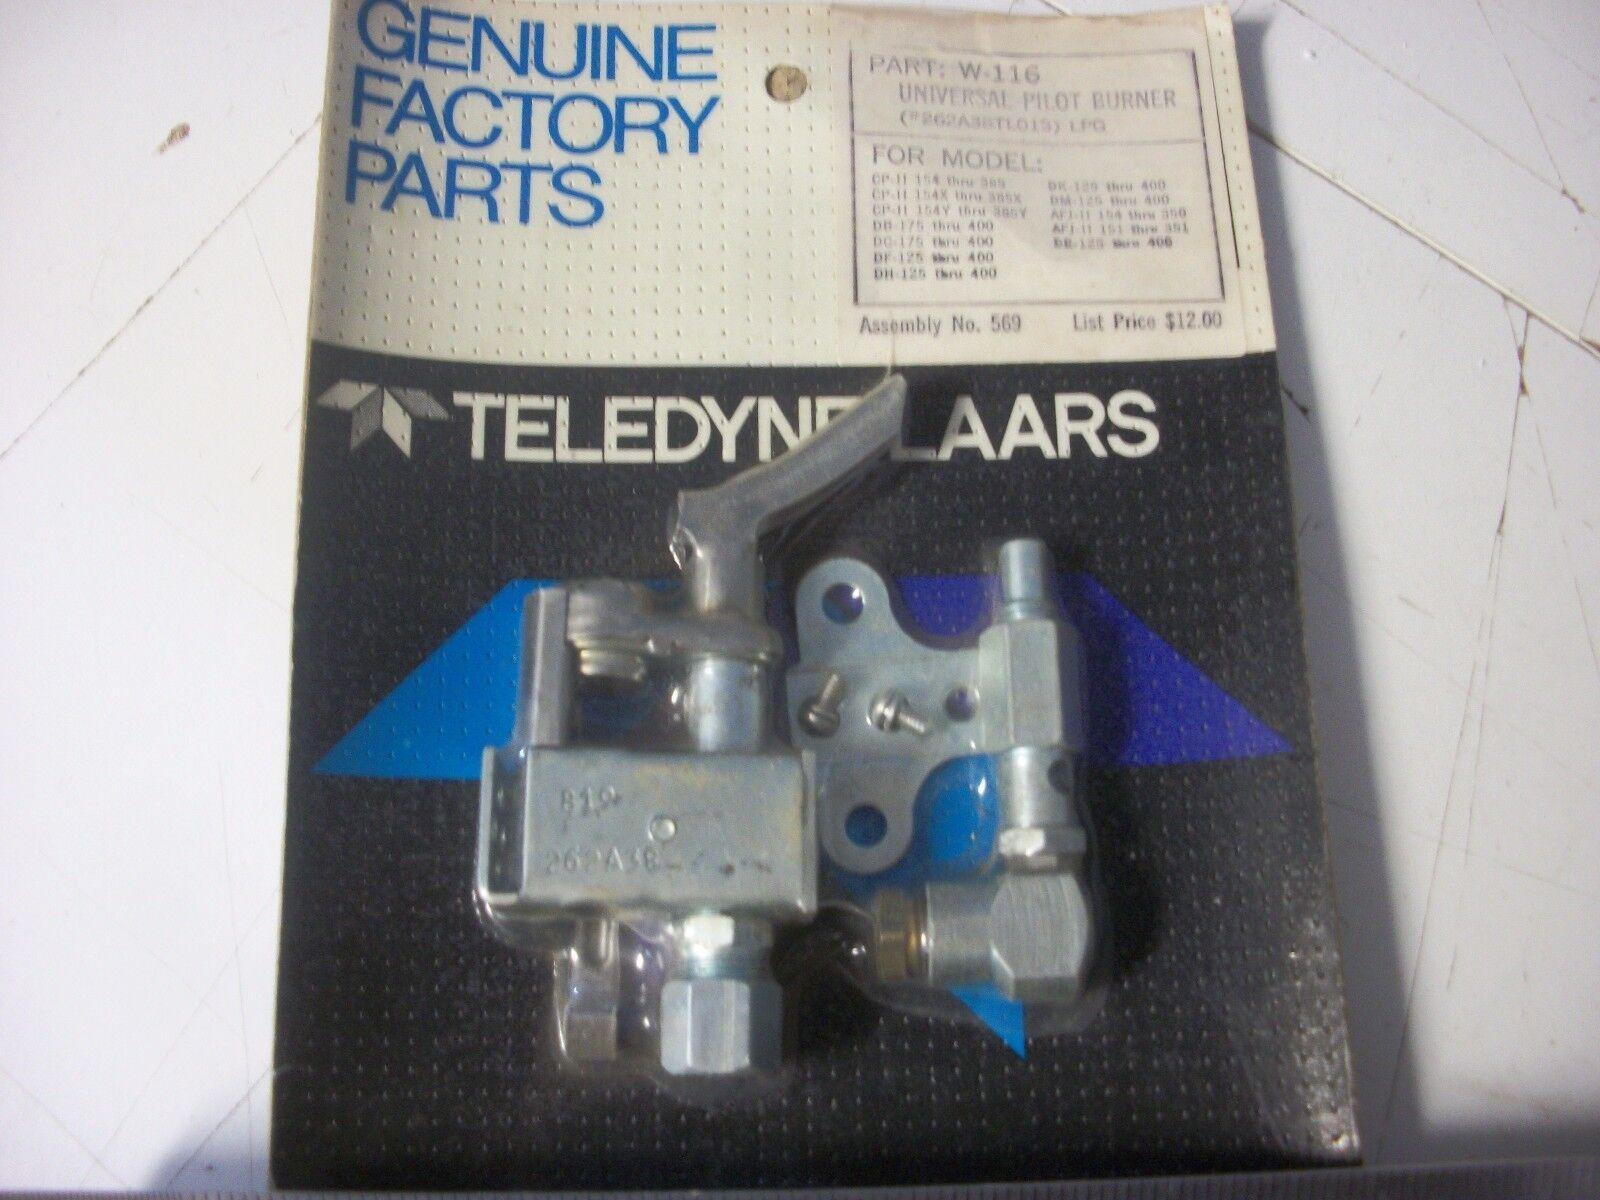 Teledyne Laars W-116 Universal conjunto del piloto, Gas Lp